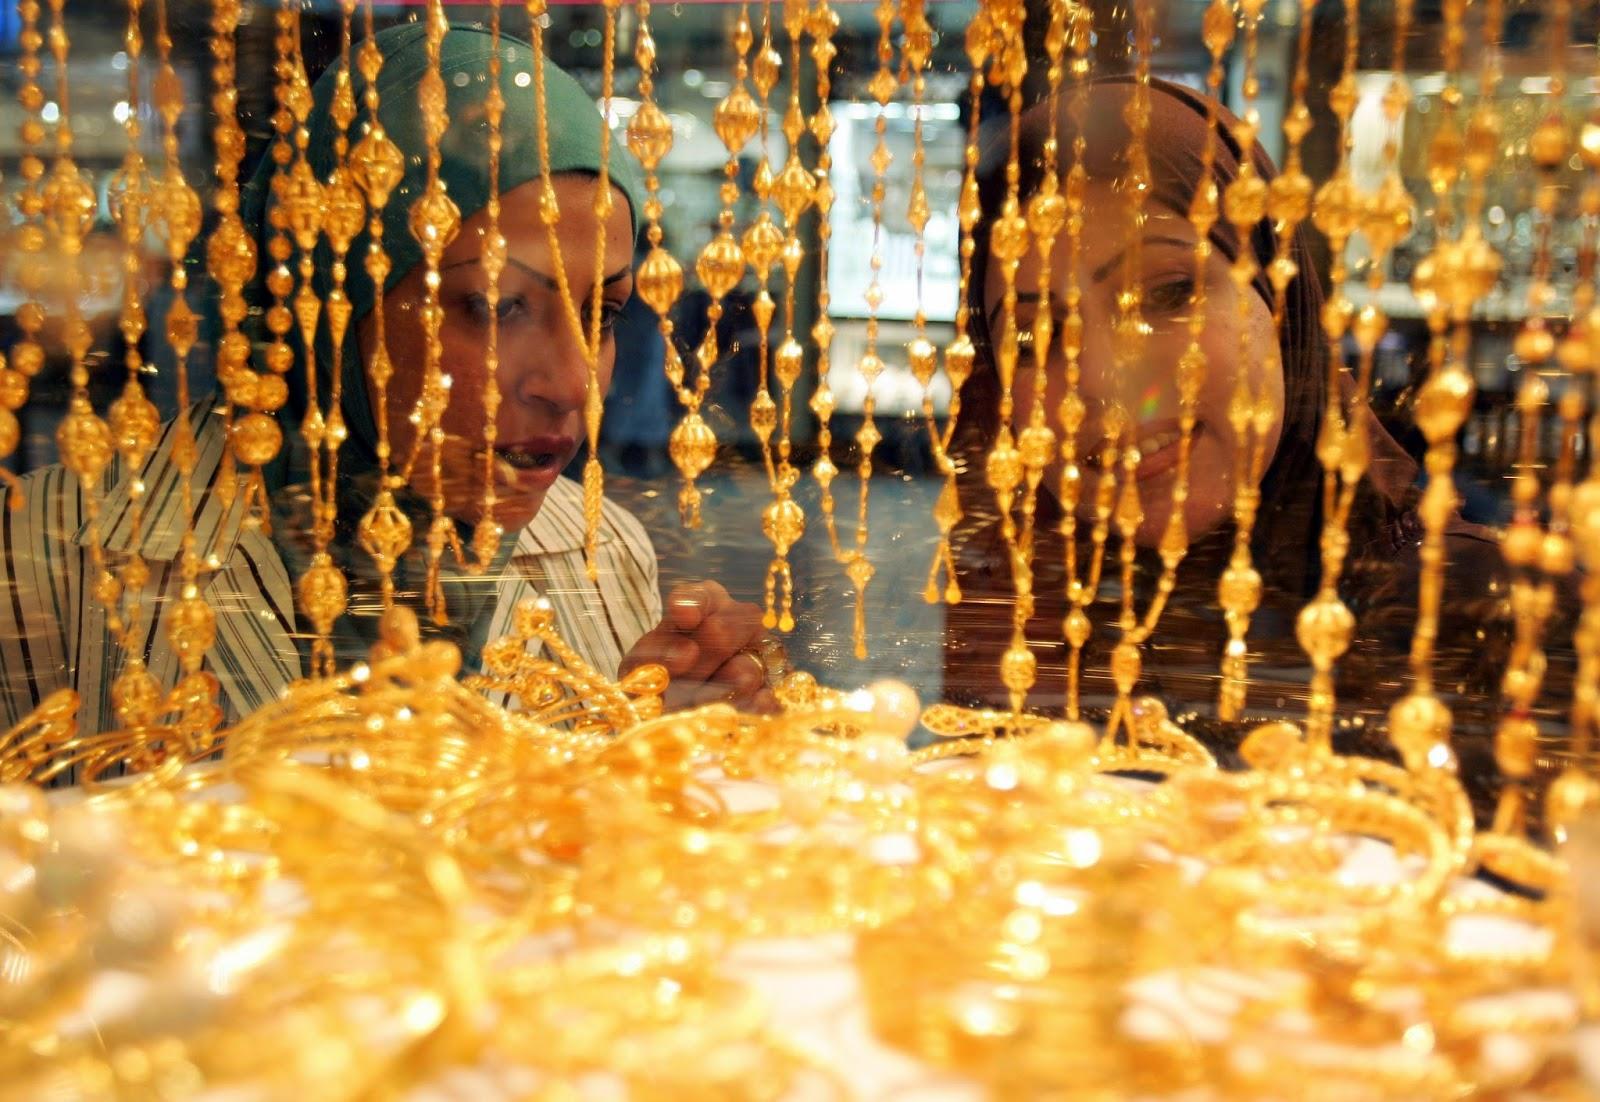 Dù tăng mạnh nhưng giá vàng trong nước vẫn rẻ hơn giá vàng thế giới hôm nay khoảng 400.000 – 500.000 đồng/lượng